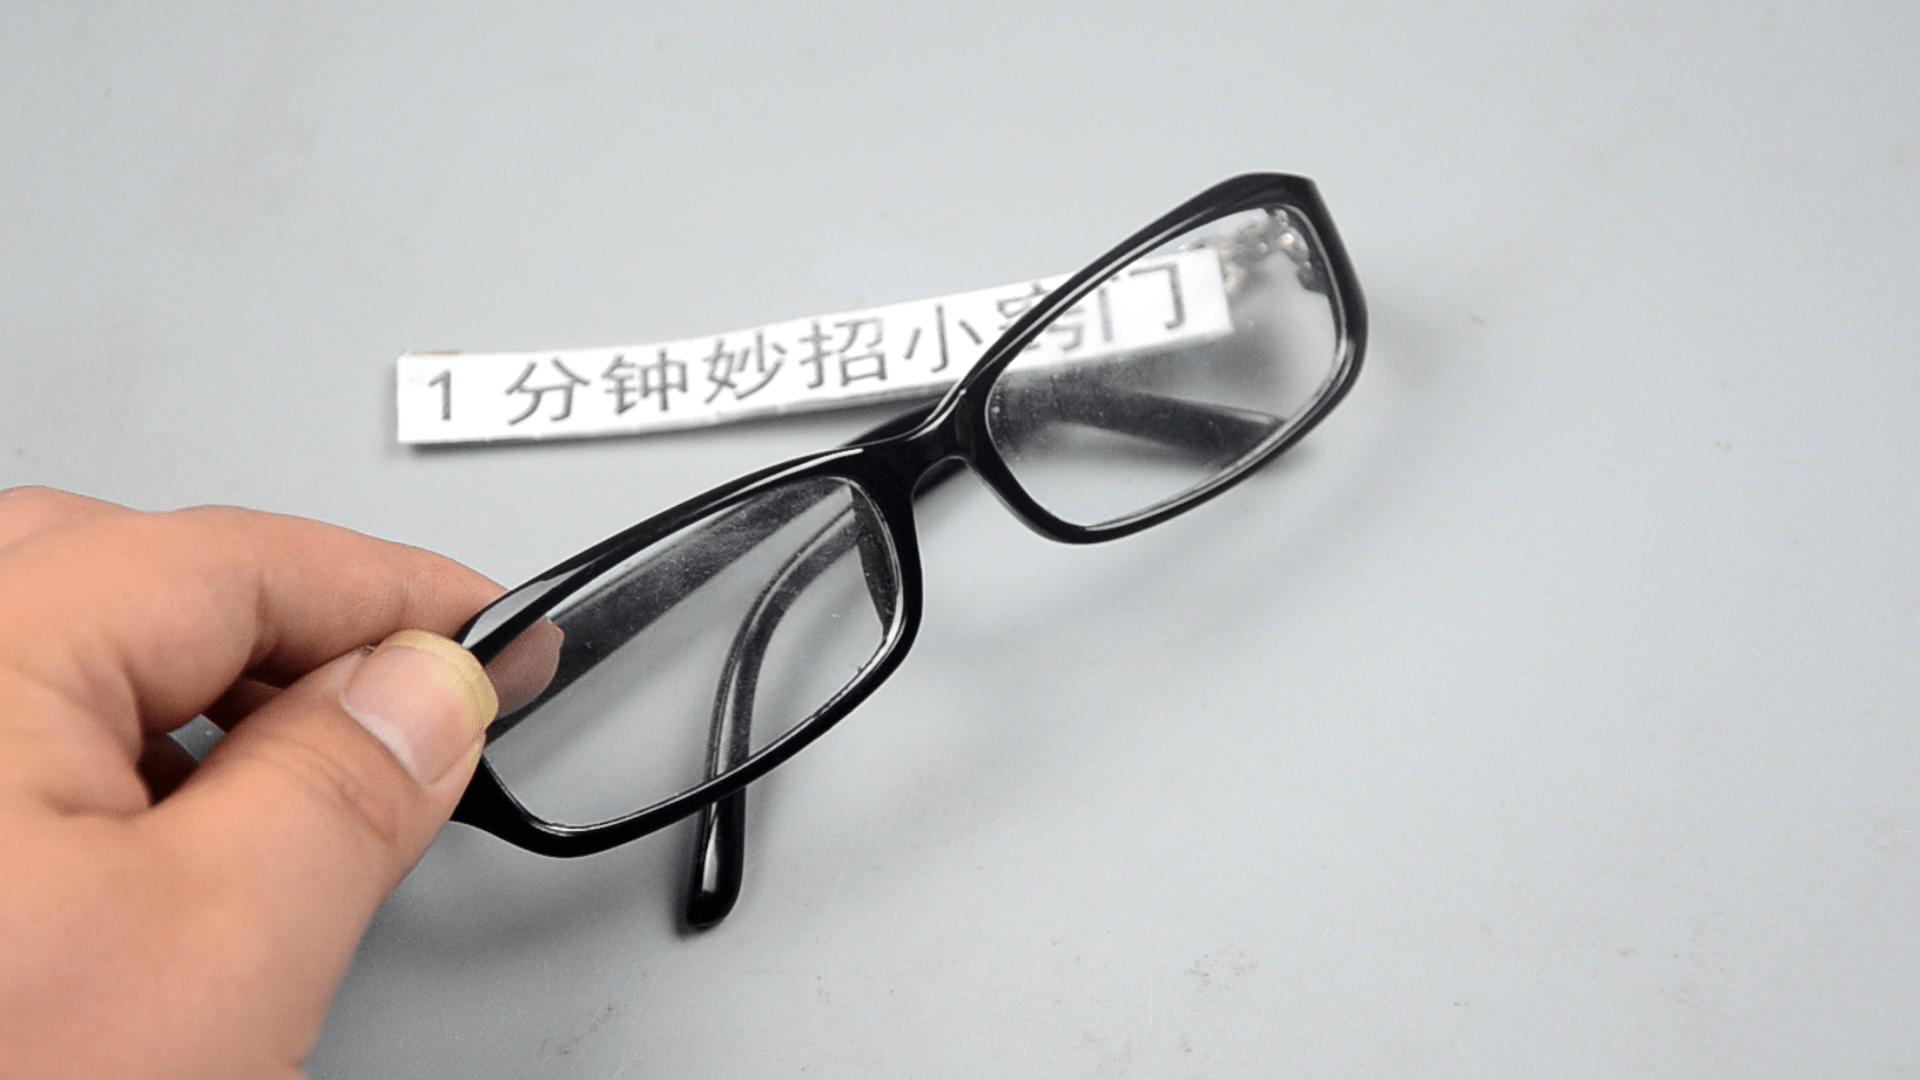 才知道,把眼镜放水里泡一泡真的太厉害了,懂的人不多,受益匪浅